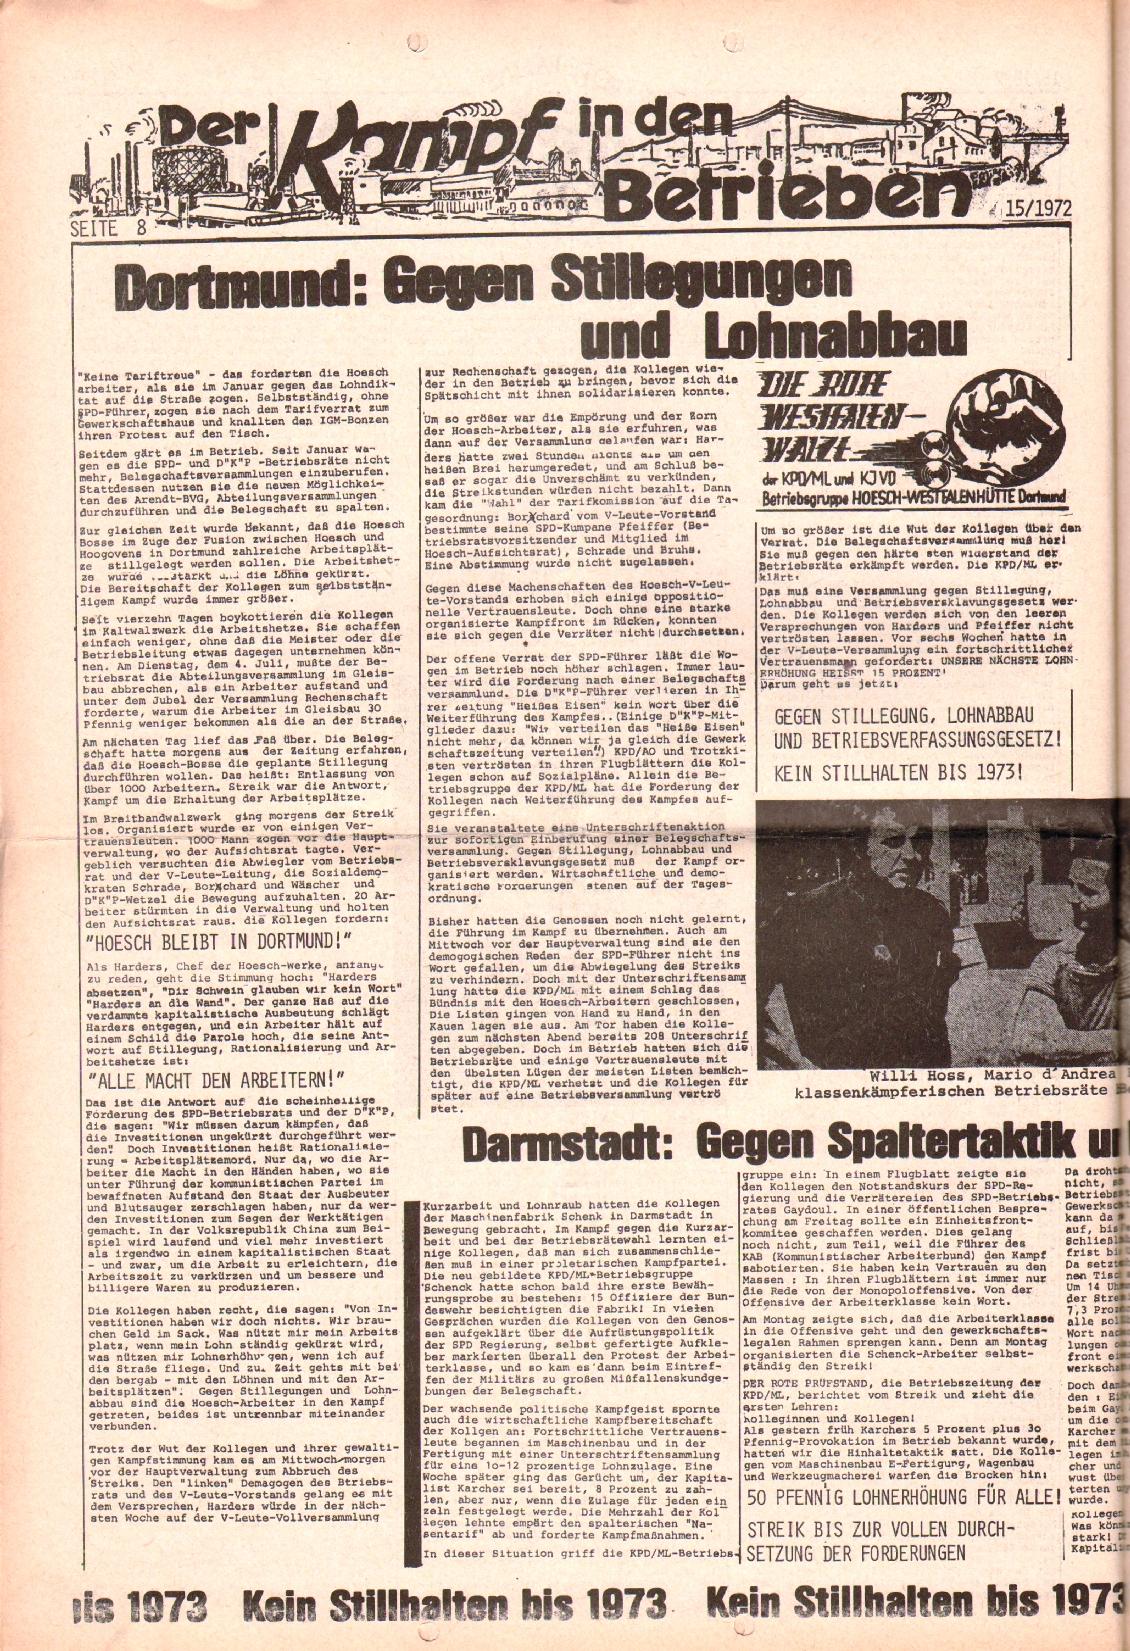 Rote Fahne, 3. Jg., 24.7.1972, Nr. 15, Seite 8